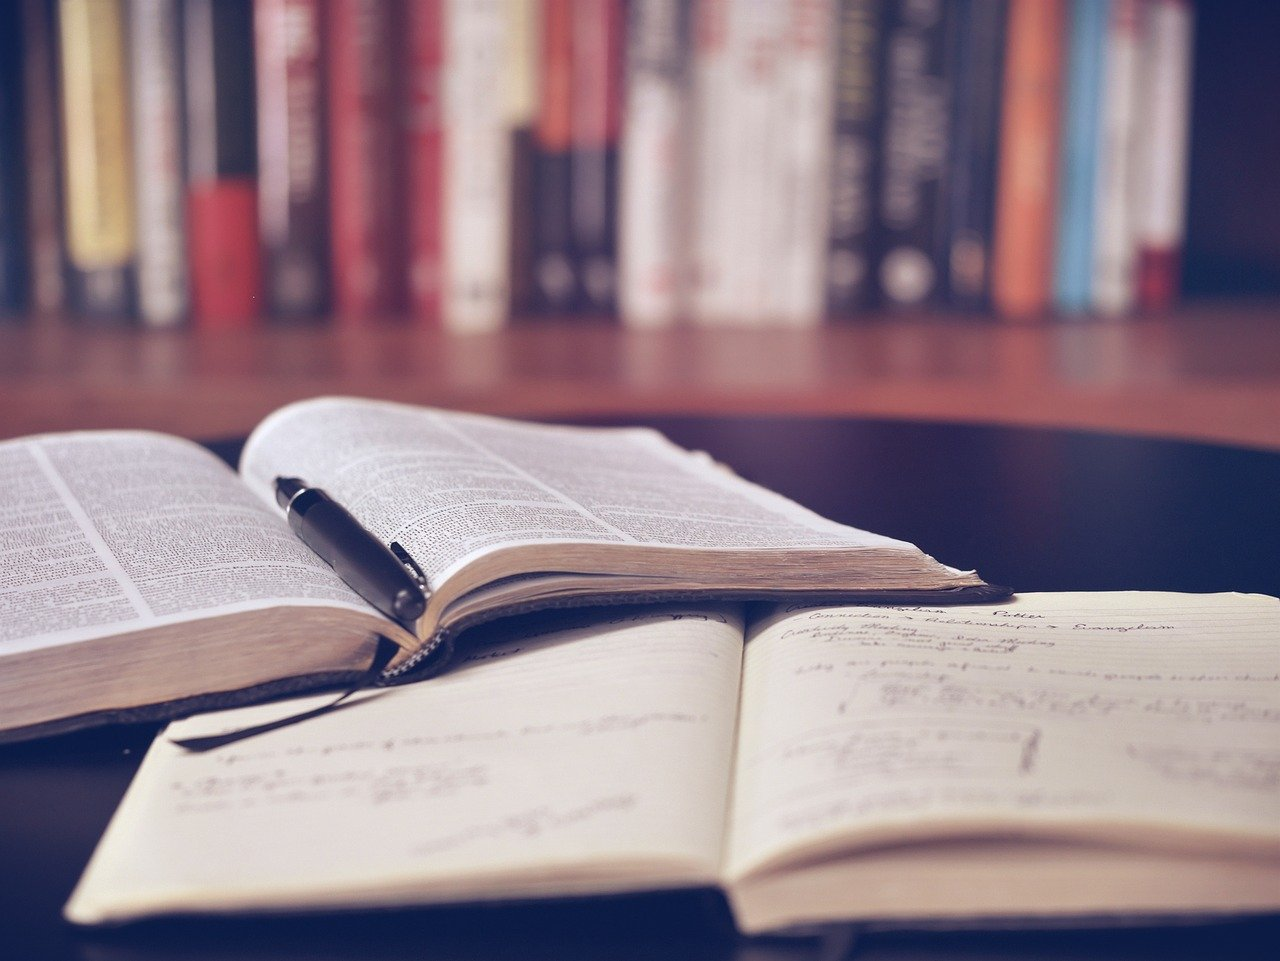 Ovo su strategije koje će vam pomoći da se motivišete za učenje i položite ispite